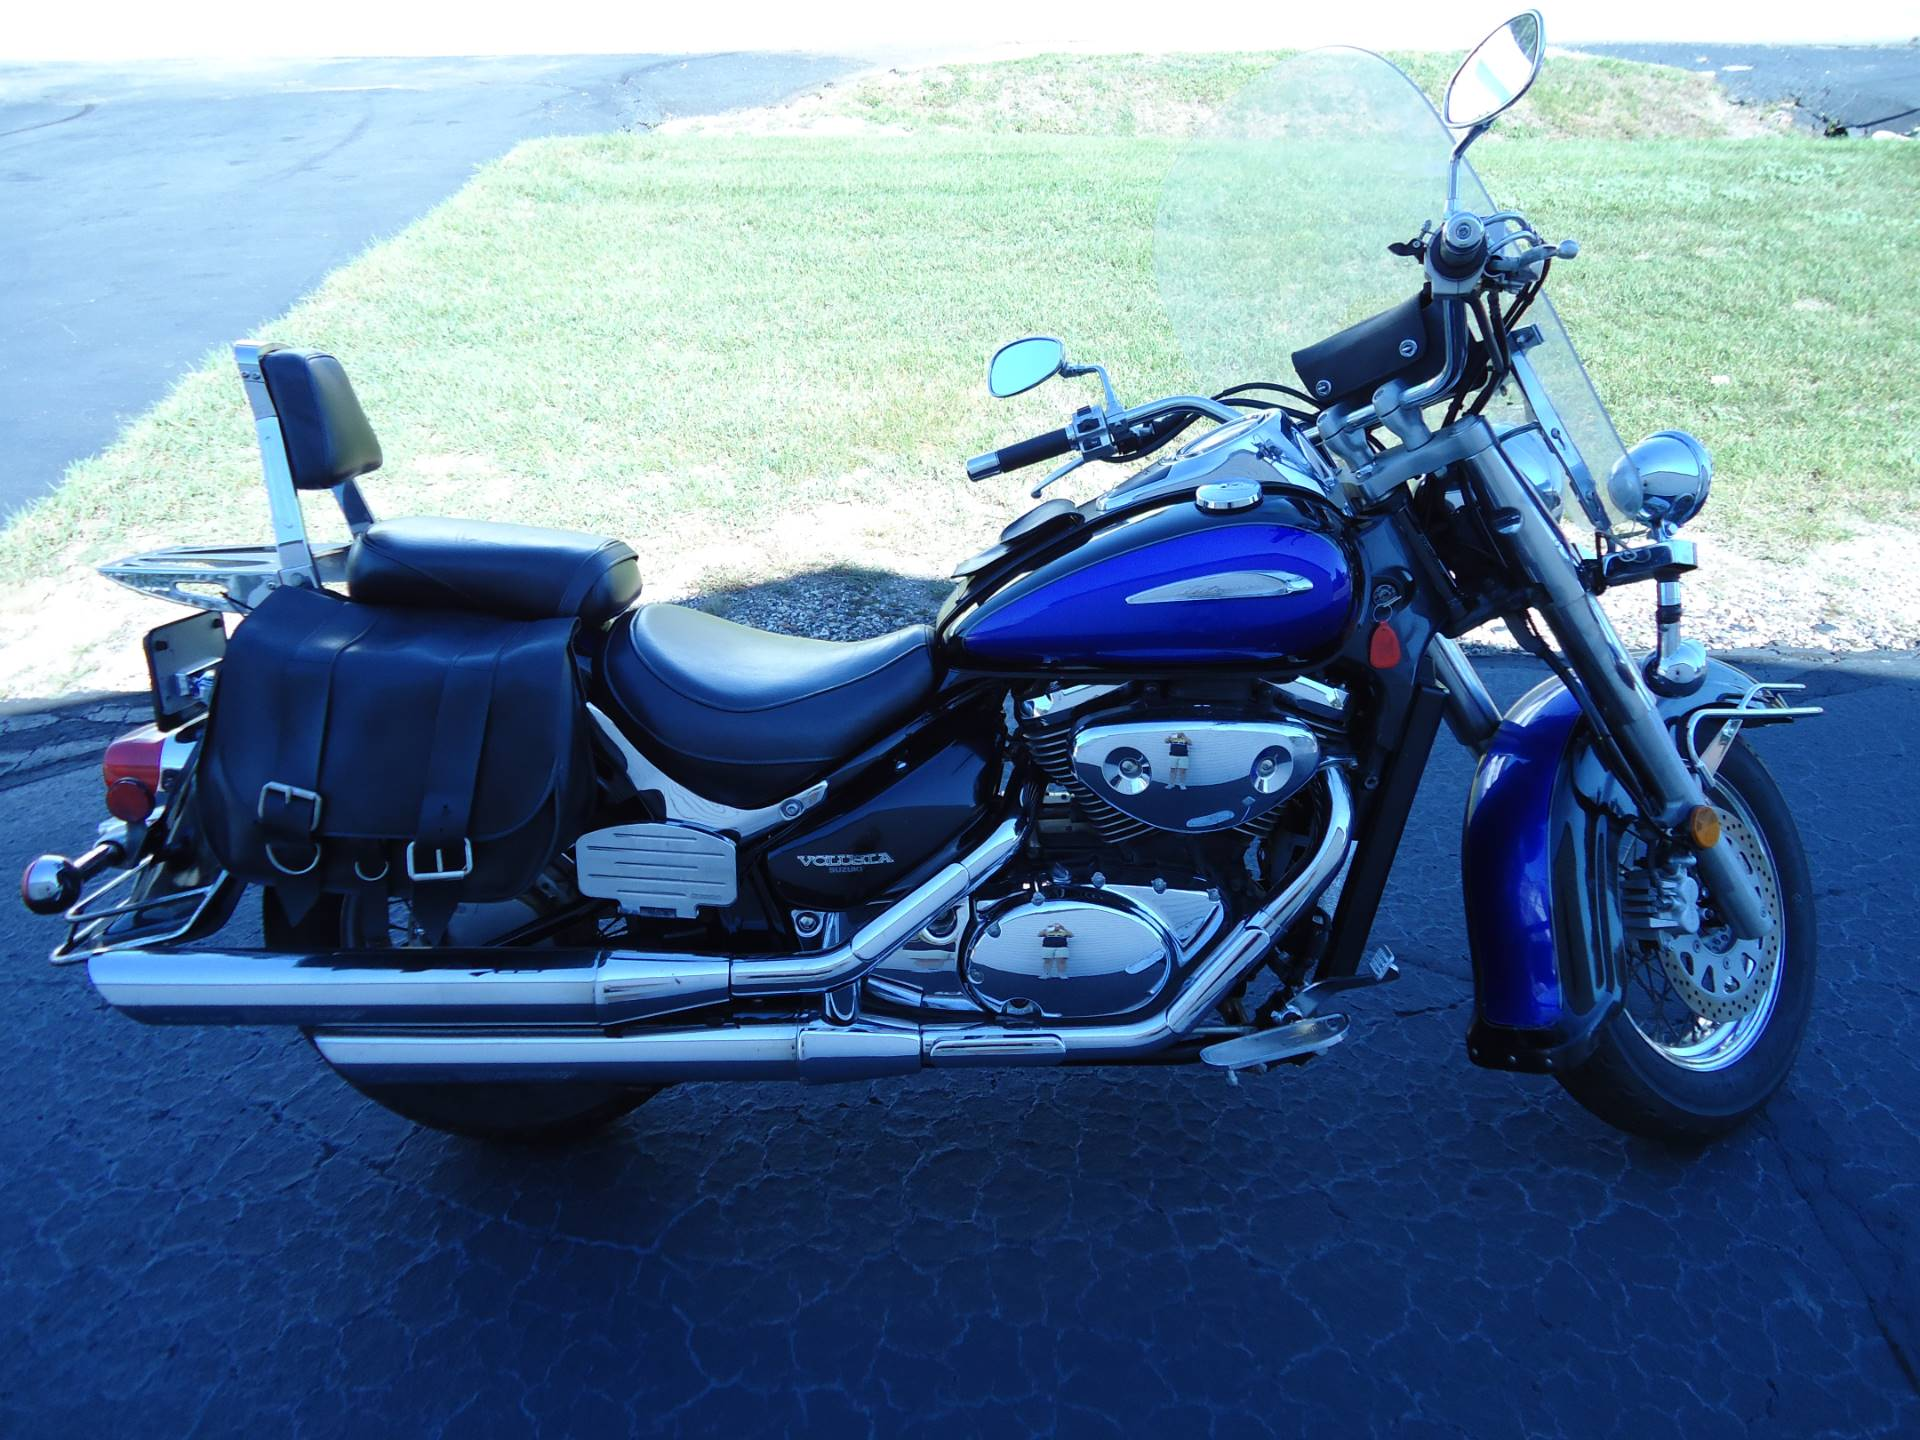 2002 Suzuki Intruder 800 1